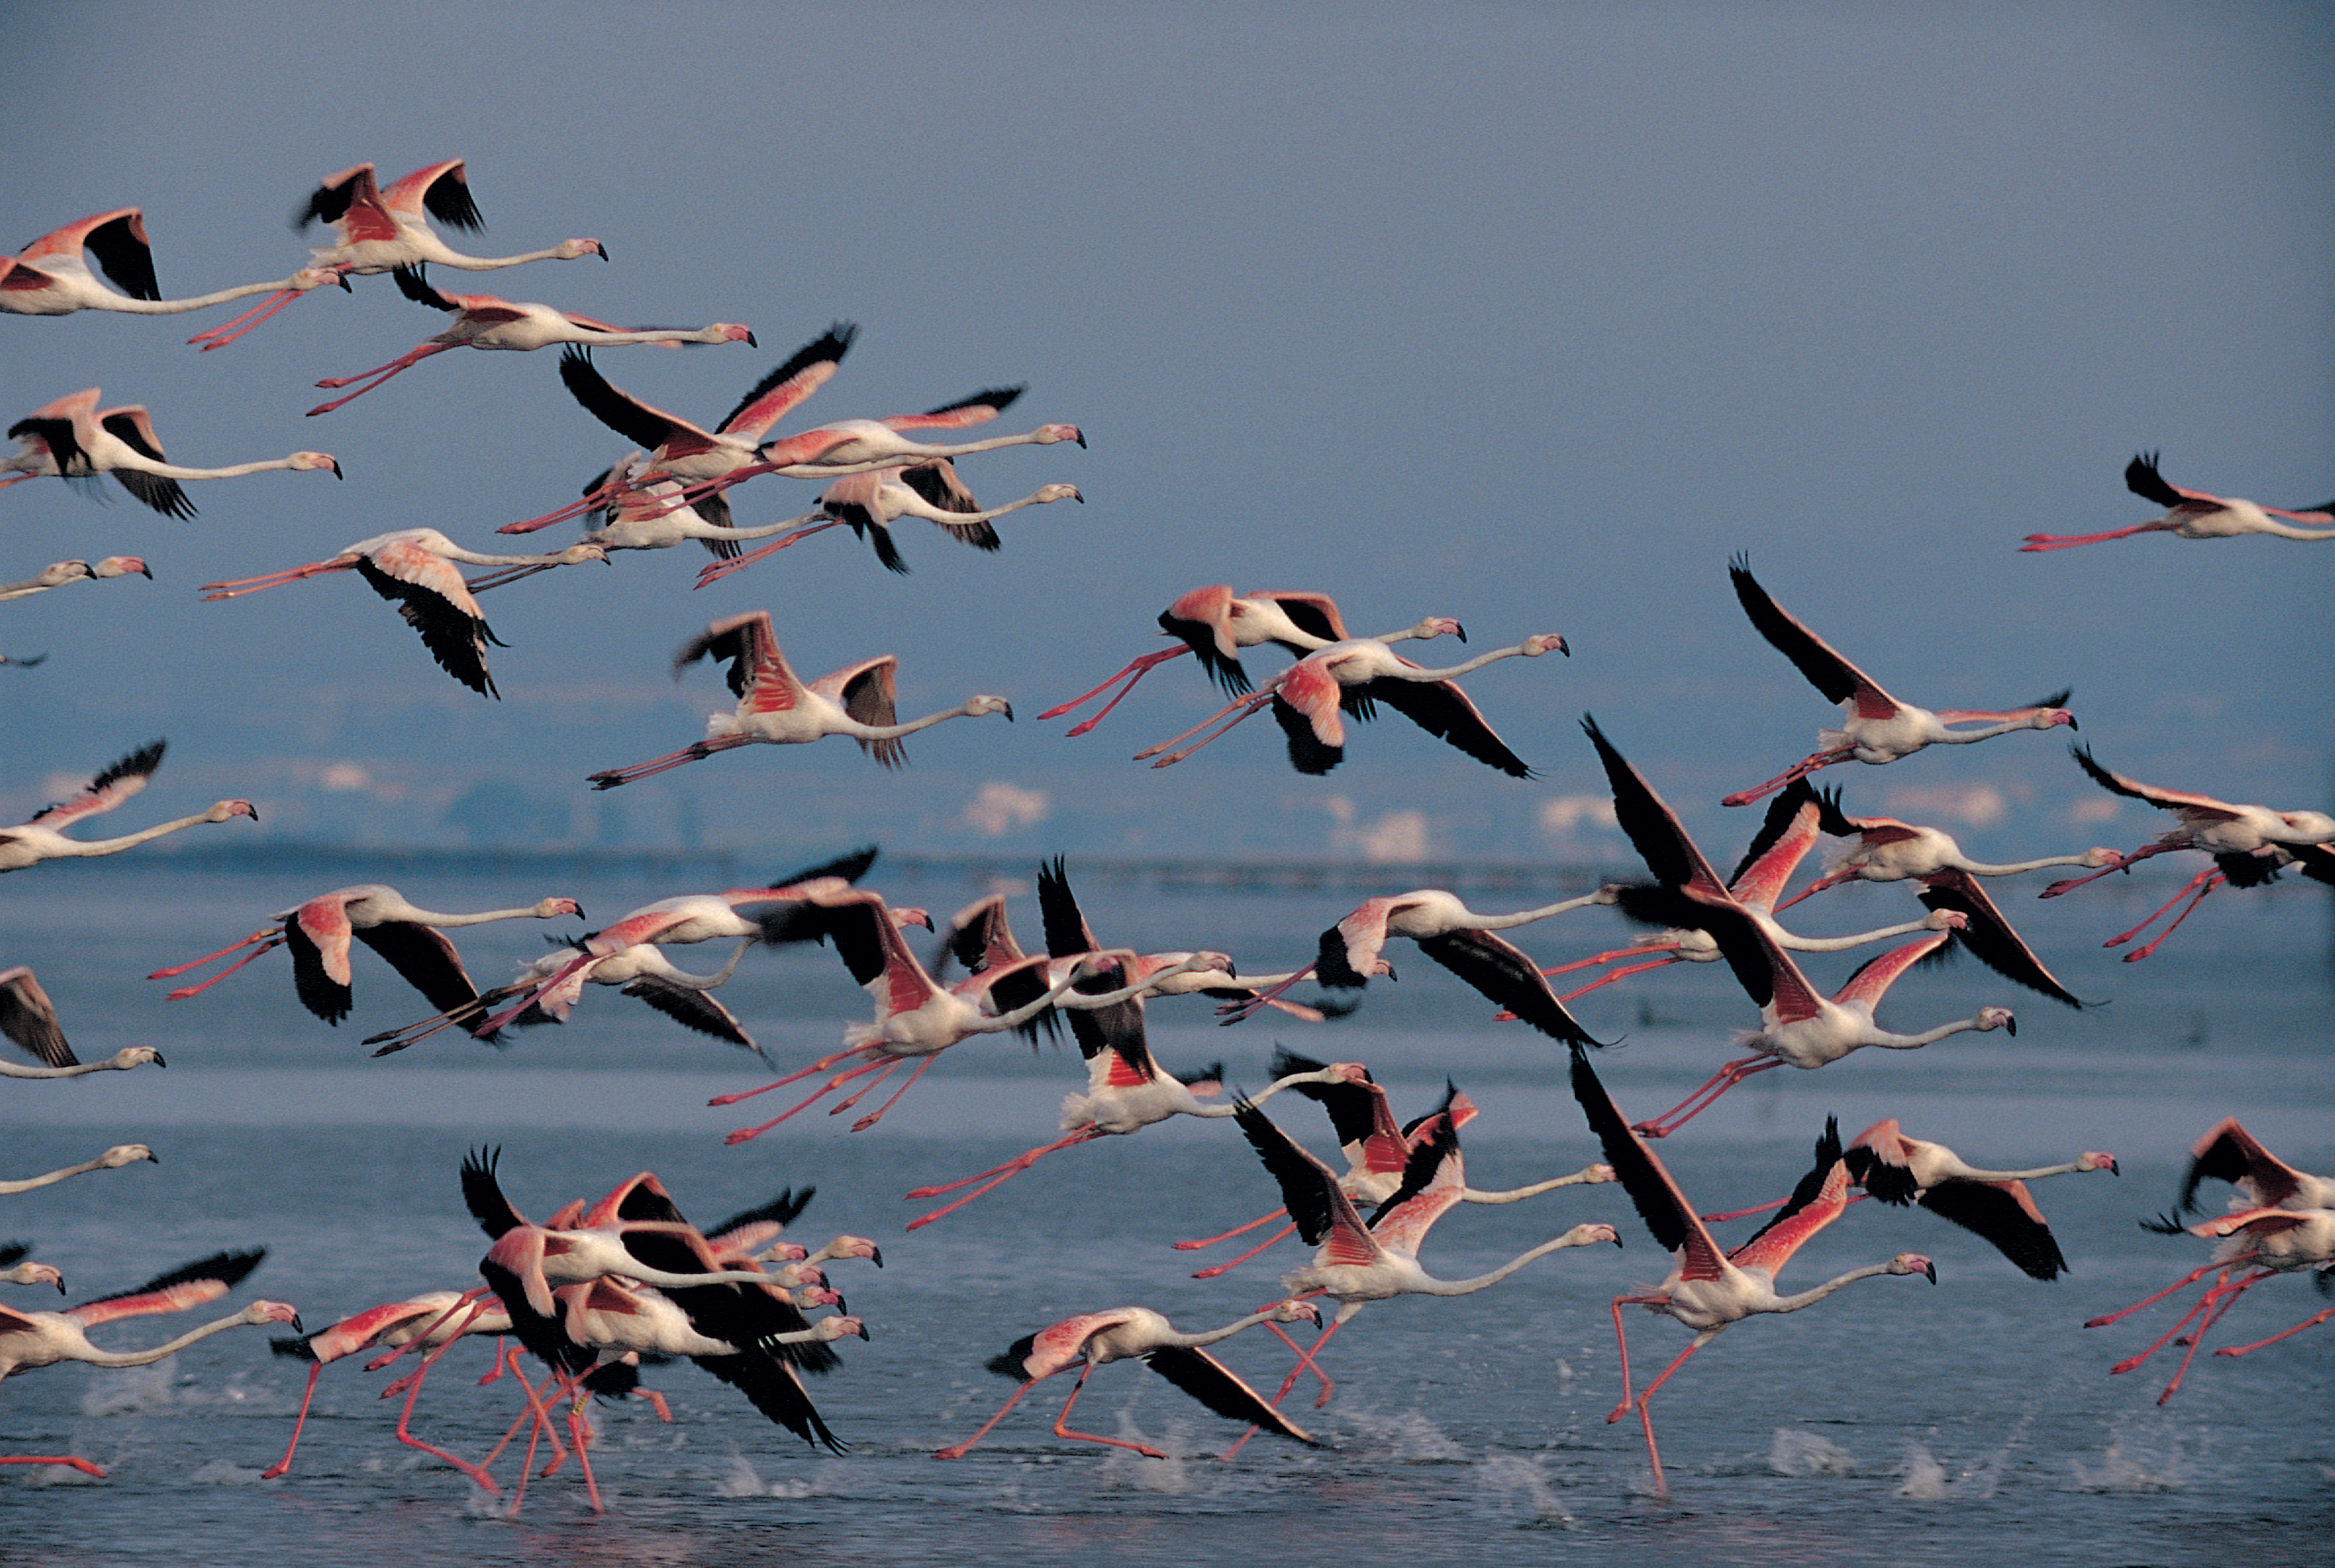 Flamands du Delta de l'Ebre © Ferran Aguilar